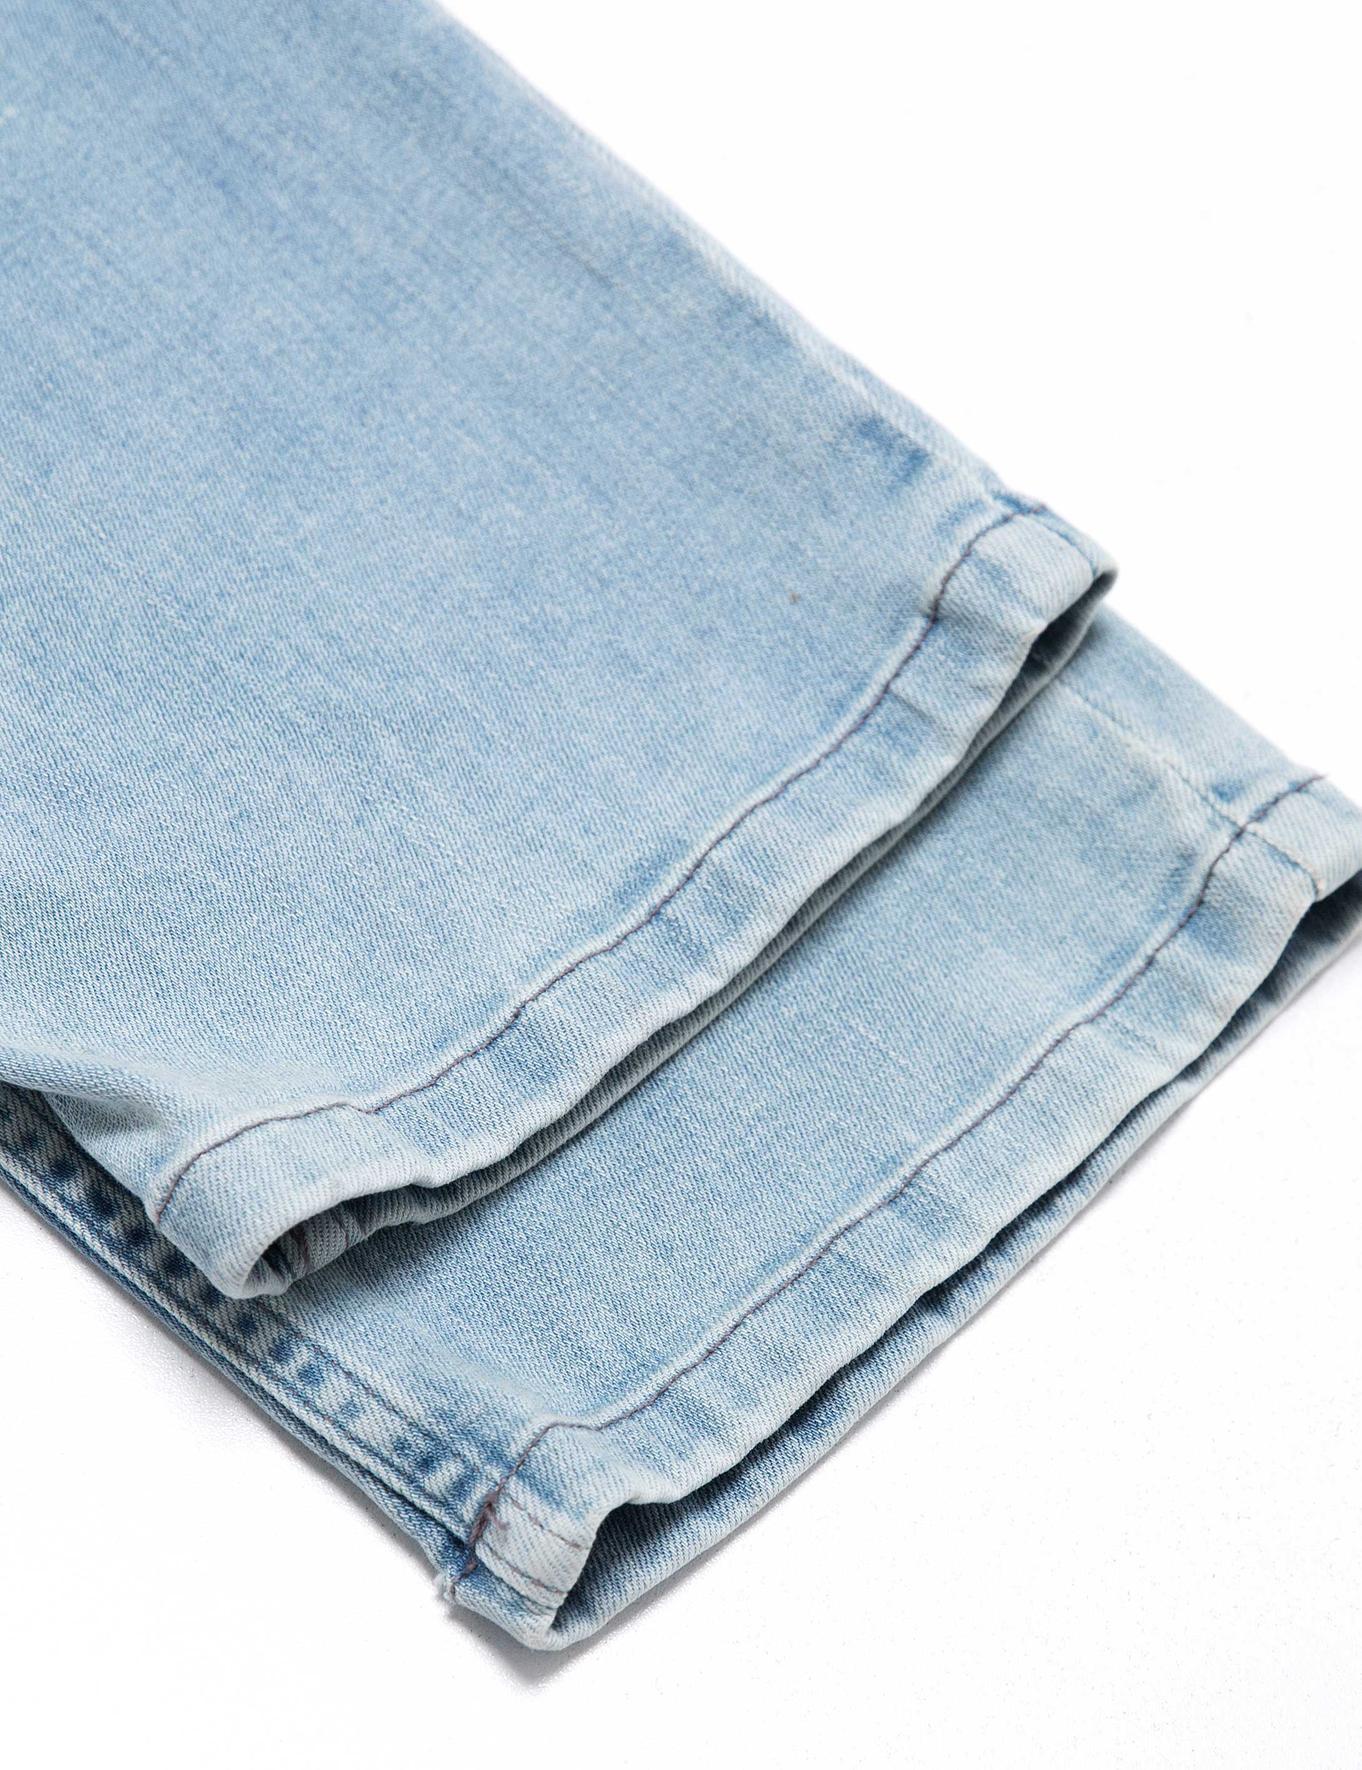 Açık Mavi Denim Pantolon